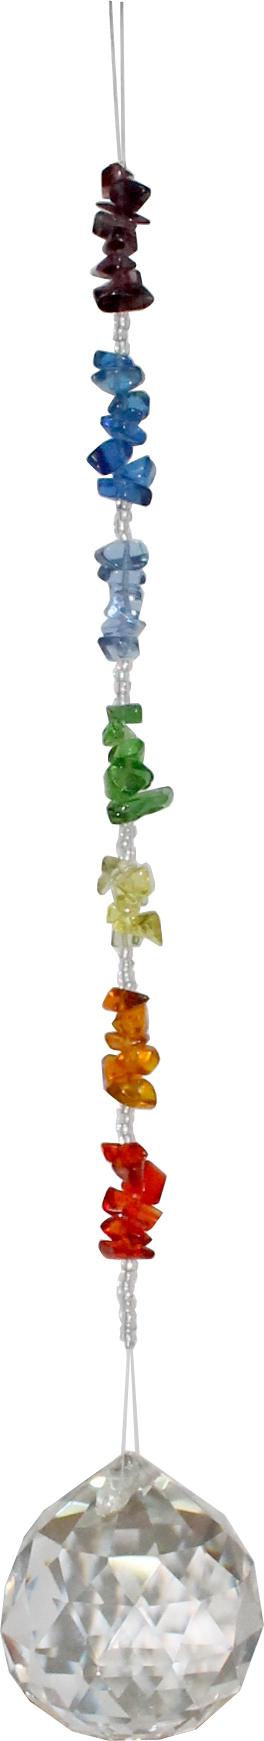 Hängender Kristall mit Glas-Chakra-Steinen